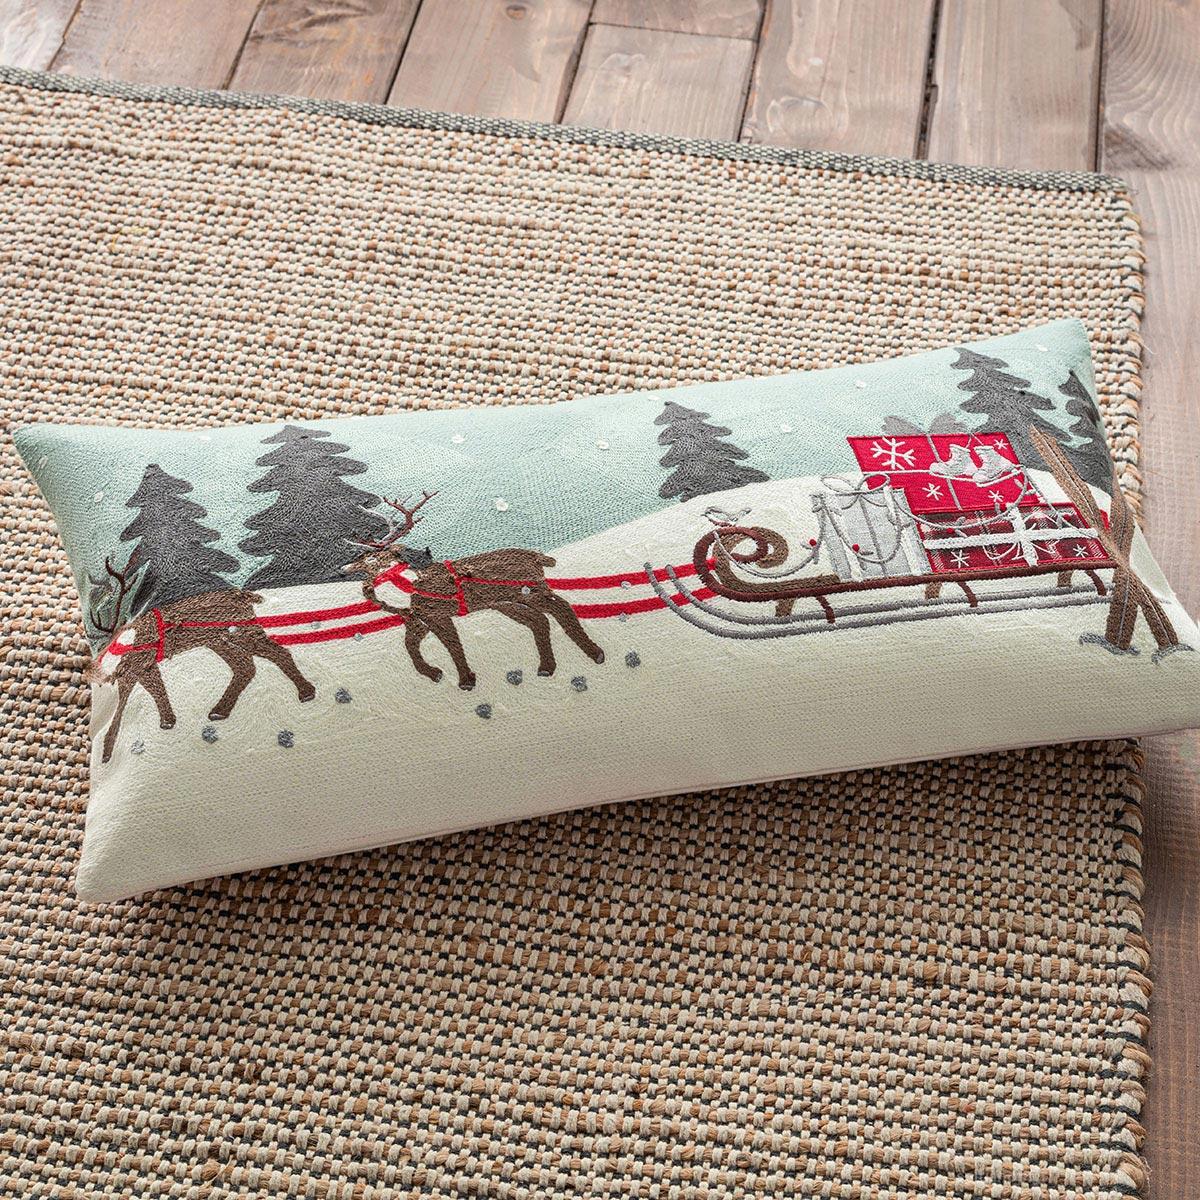 Χριστουγεννιάτικο Μαξιλάρι (30×60) Gofis Home 516